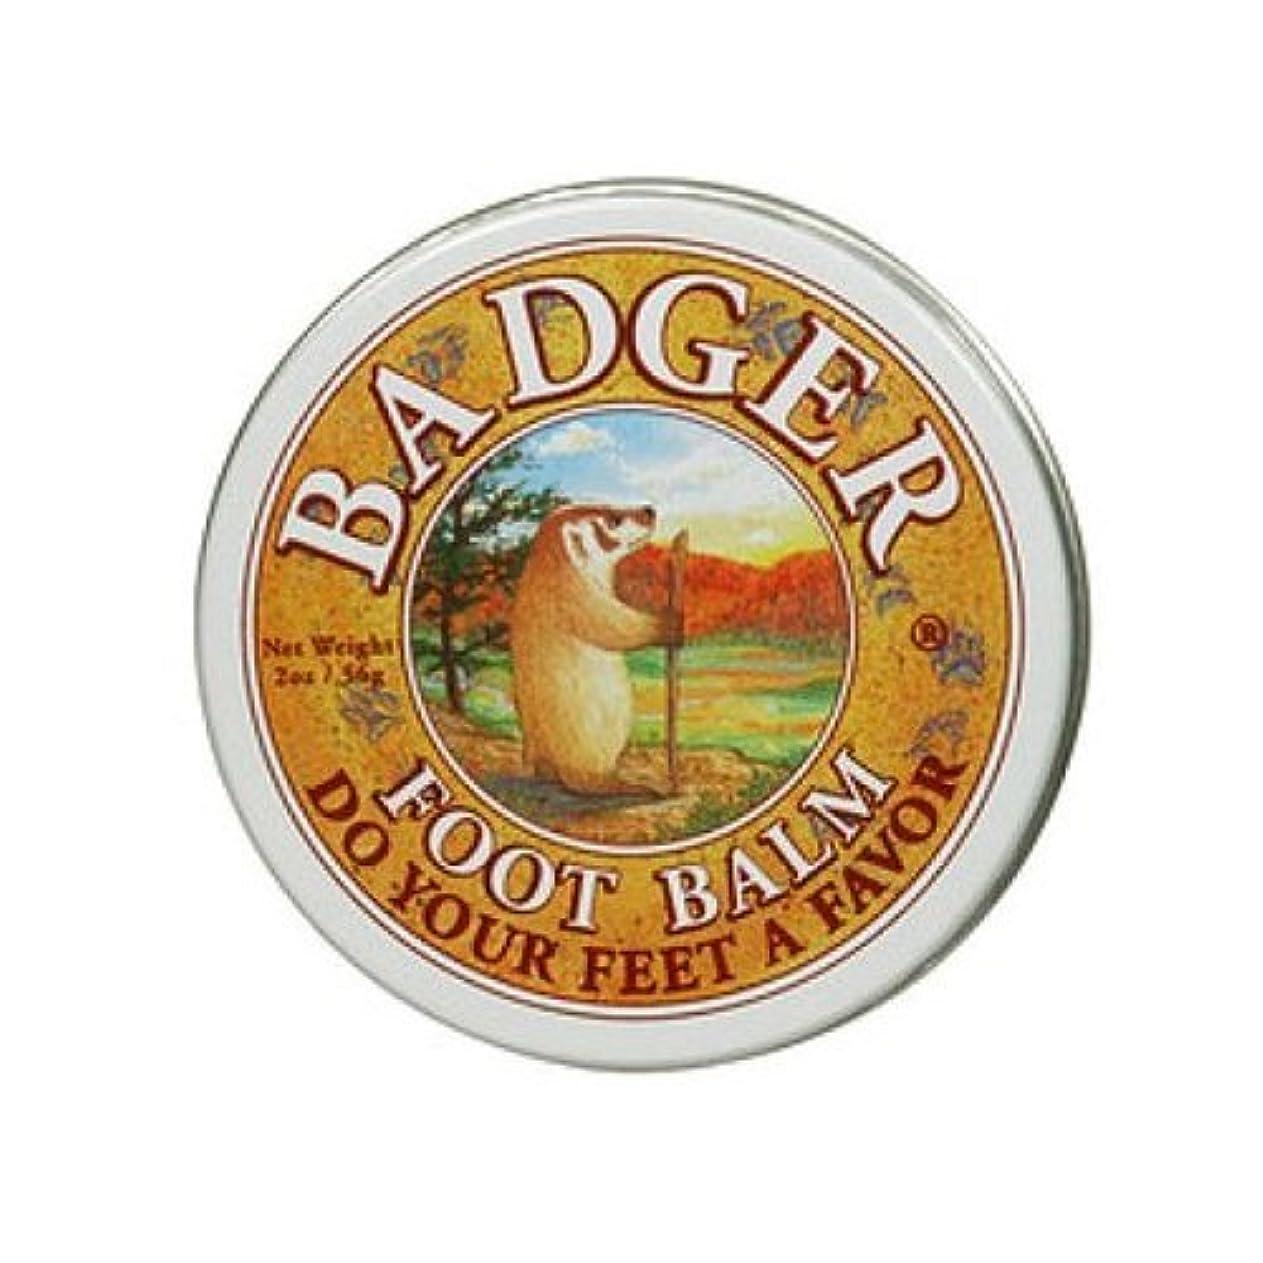 Badger バジャー オーガニックフットクリーム ペパーミント & ティーツリー【小サイズ】 21g【海外直送品】【並行輸入品】